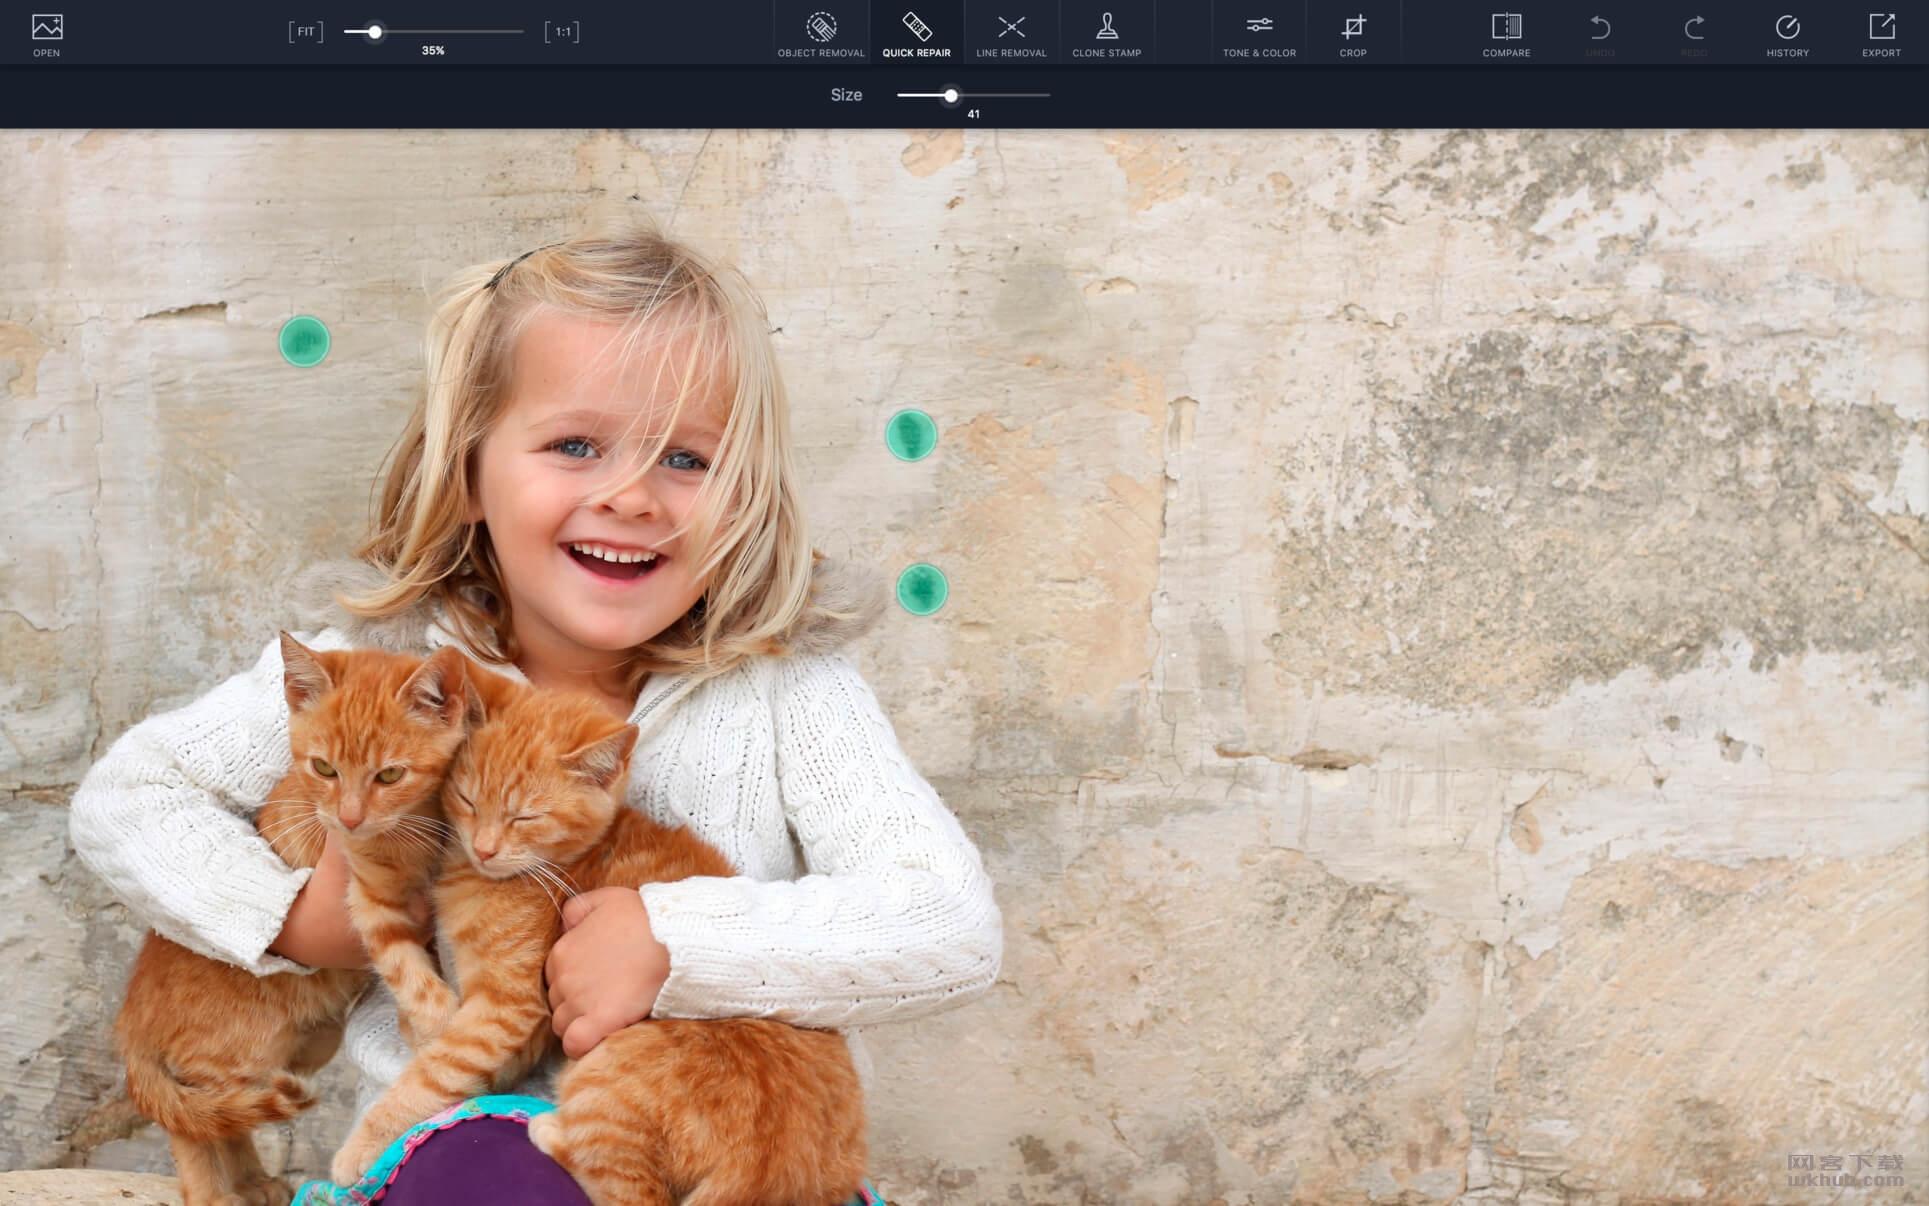 TouchRetouch 2.1.1 CR2 简单易用的抠图工具